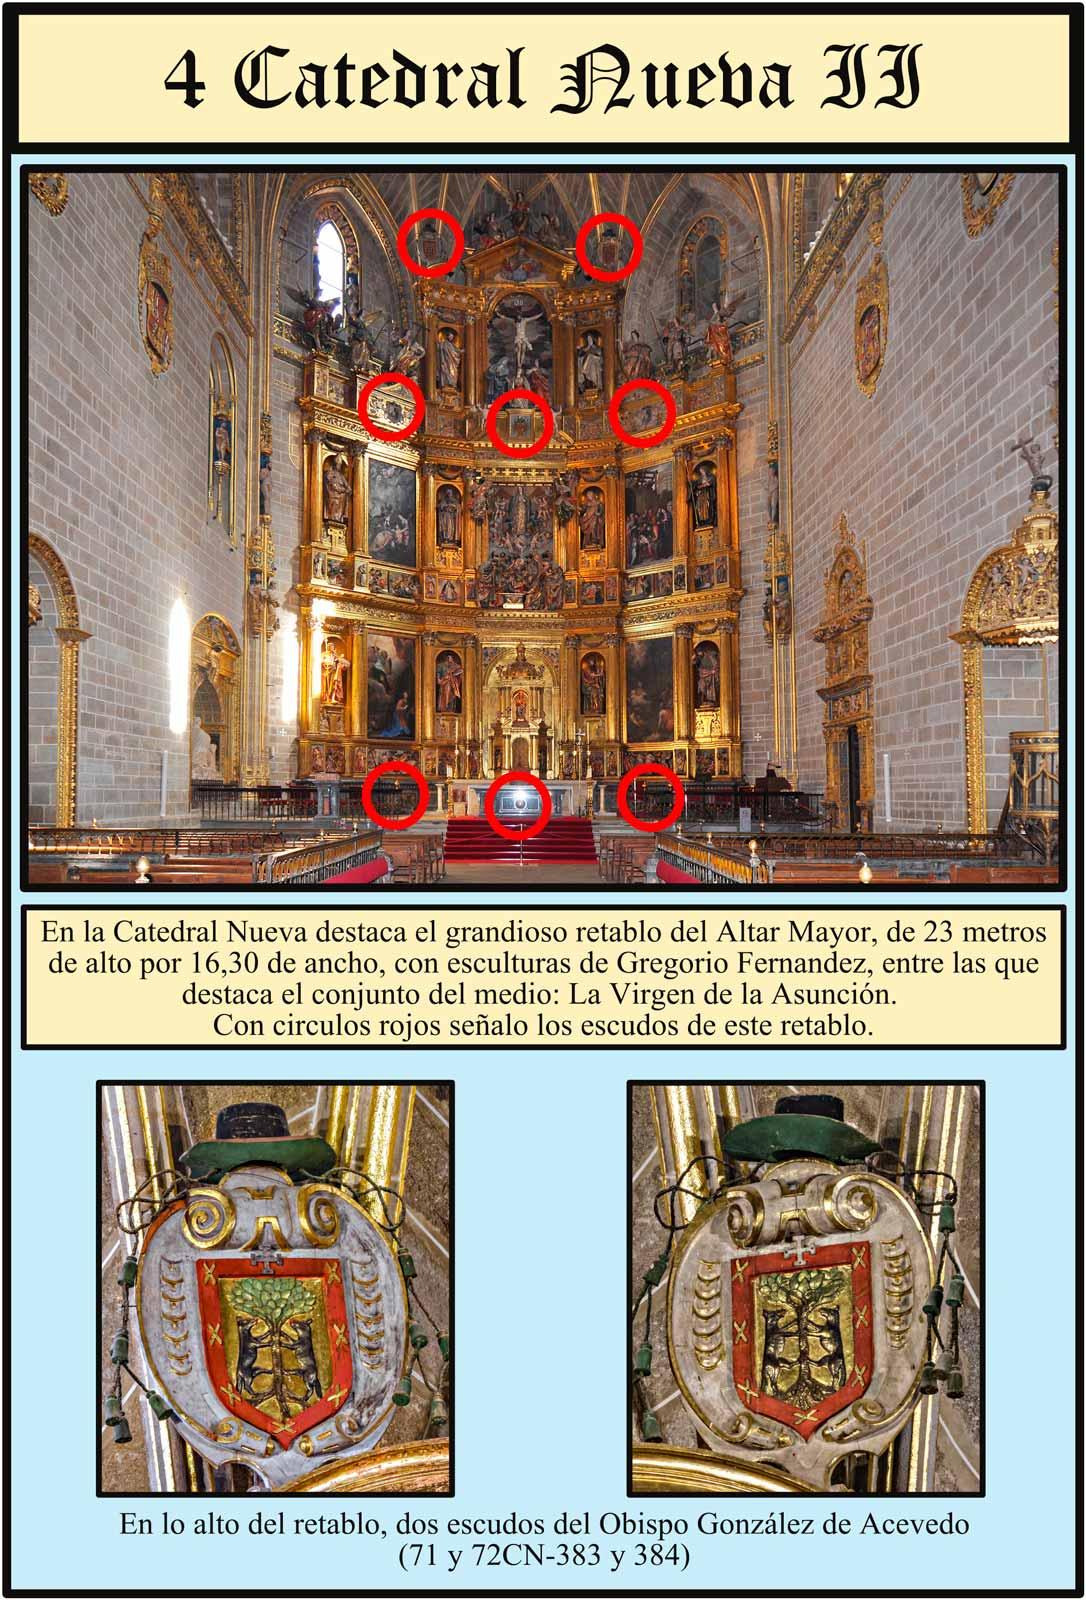 Escudos en el retablo de Gregorio Fernandez en la Catedral Nueva de Plasencia